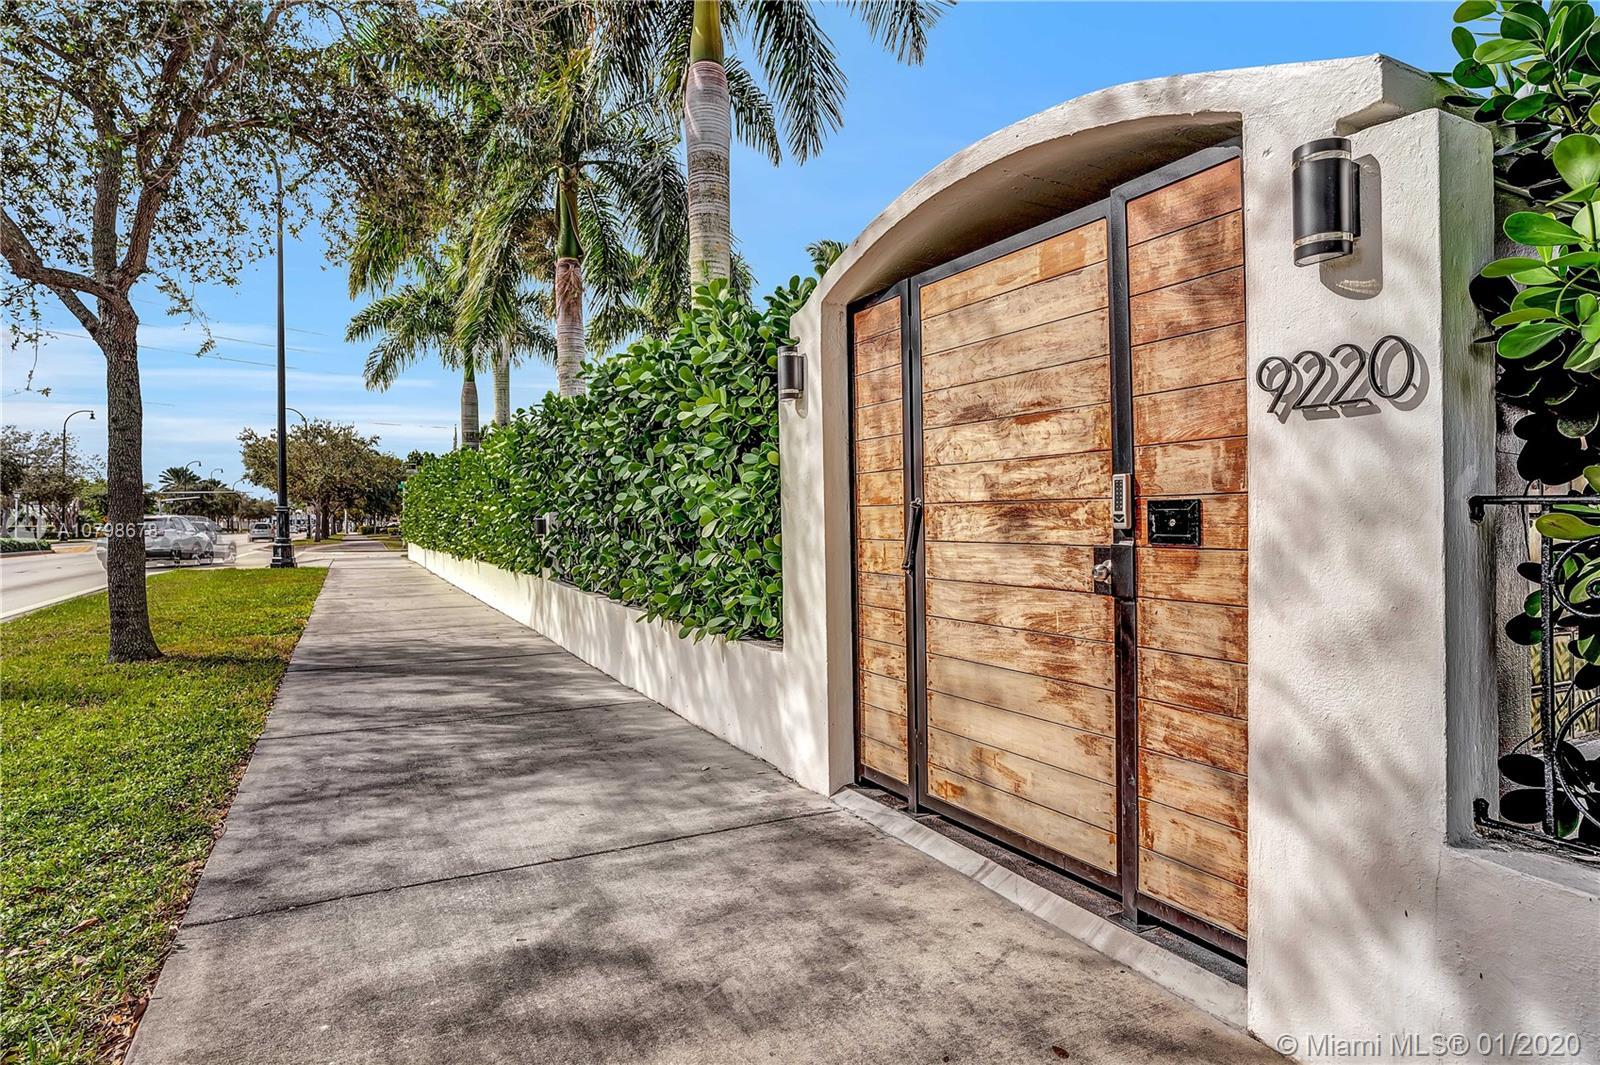 9220 Biscayne Blvd, 8 - Miami Shores, Florida